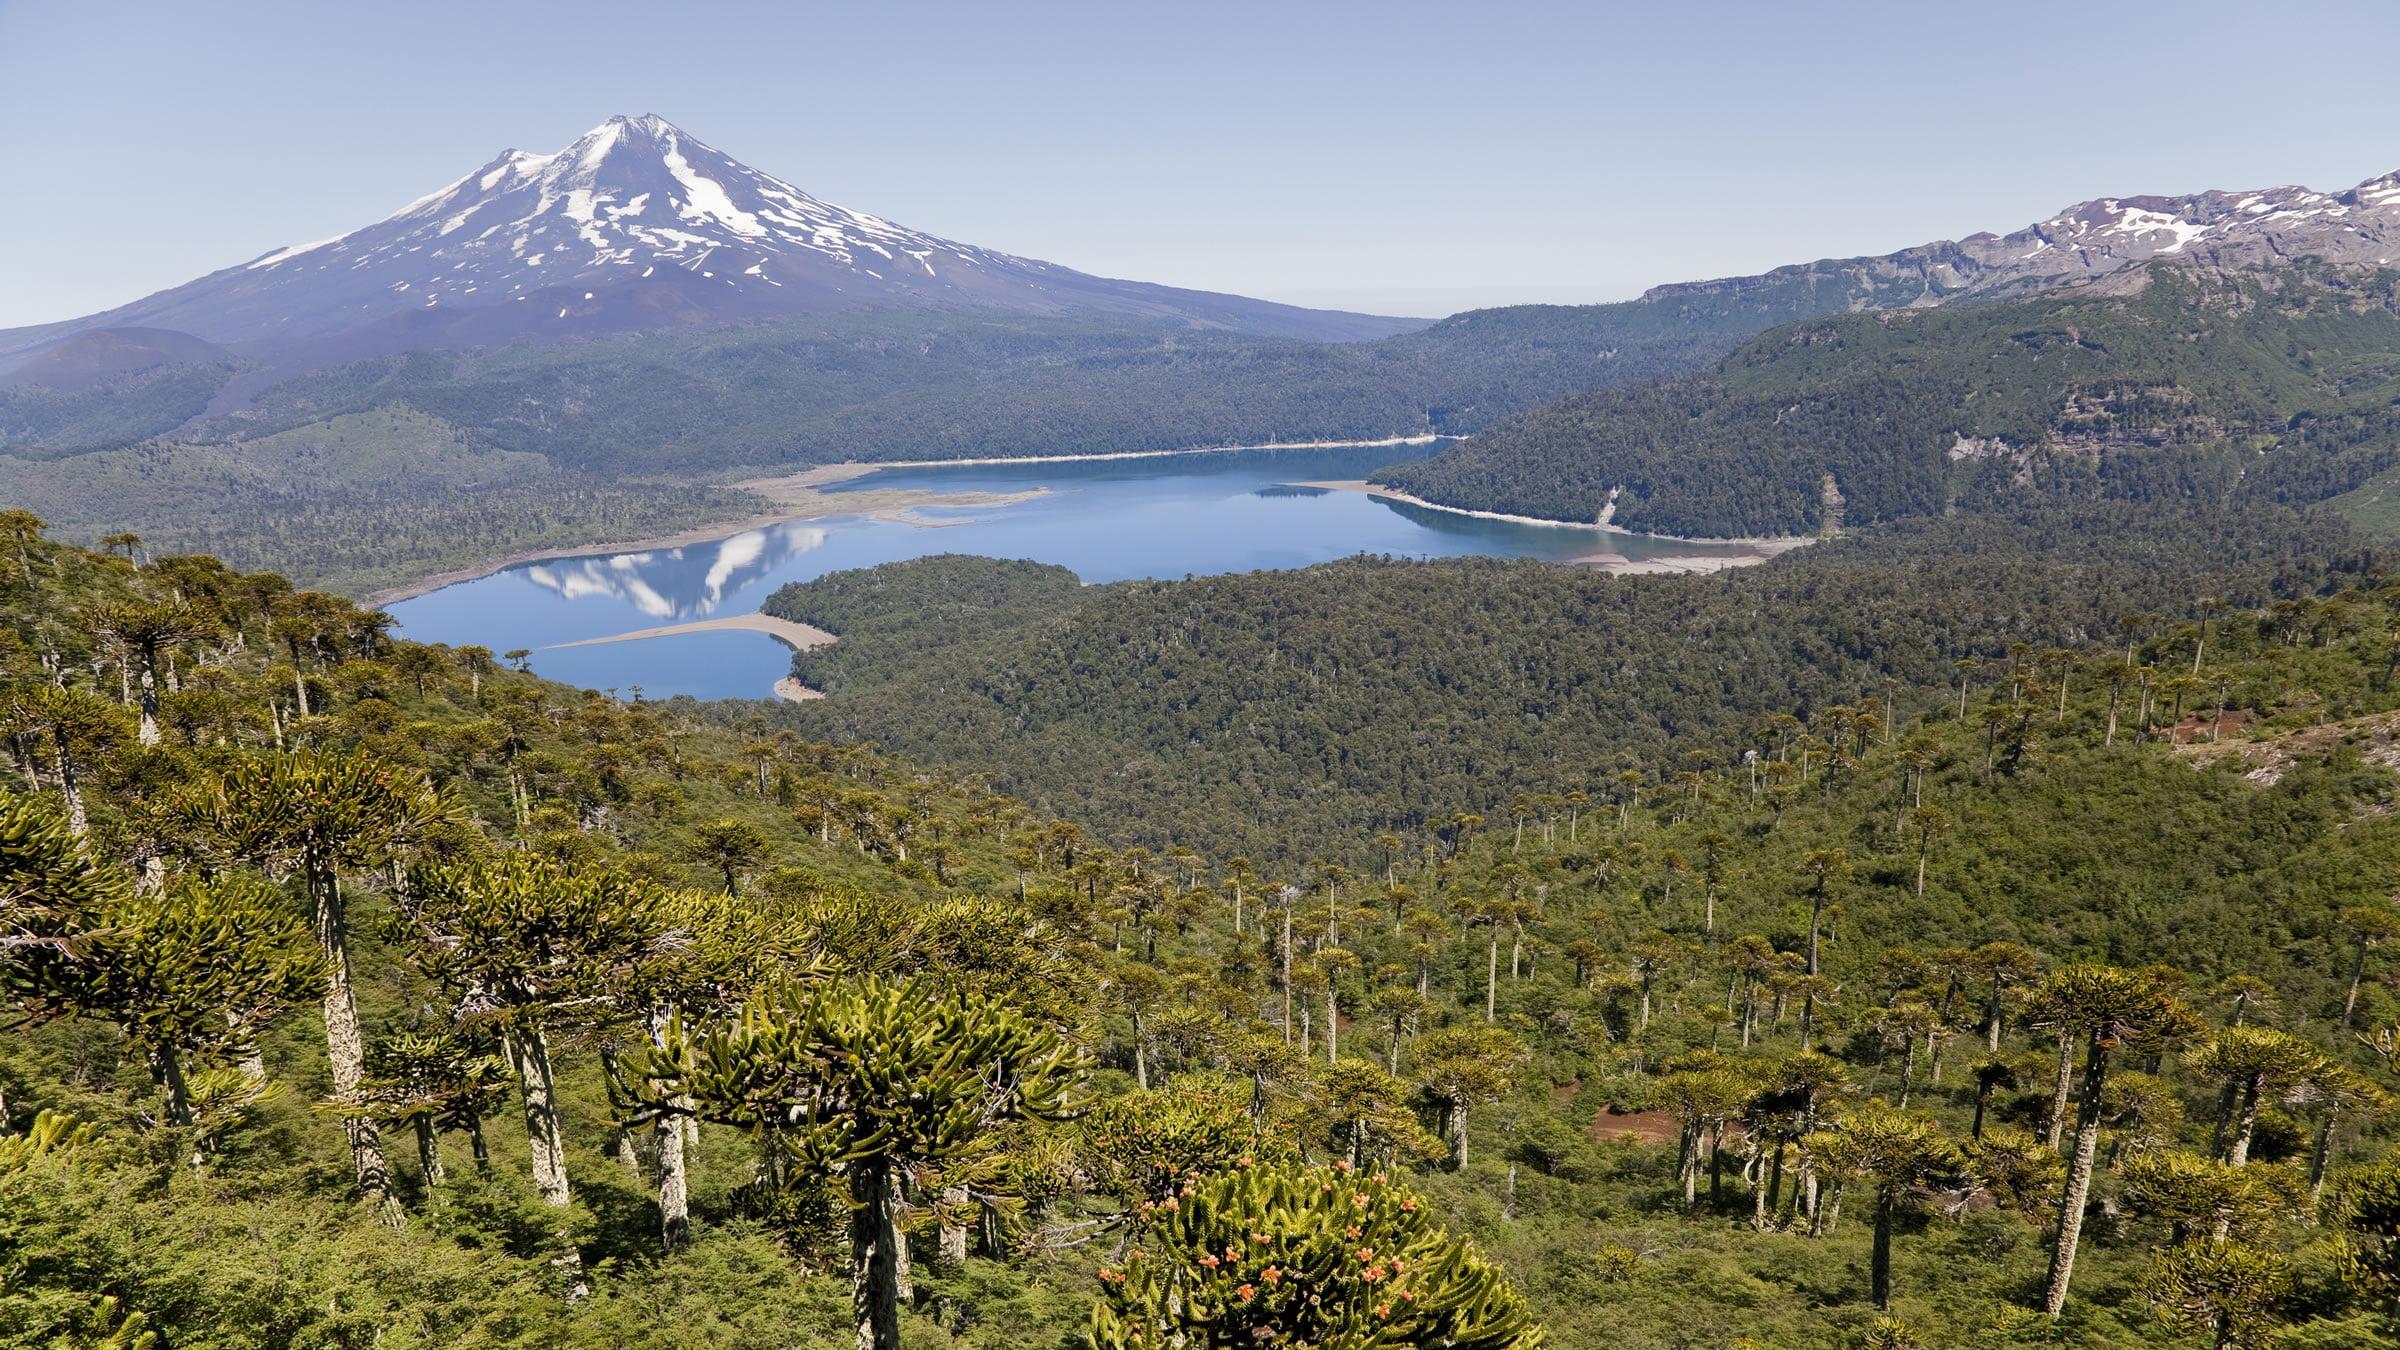 Vistas desde el Parque nacional Conguillío del Volcán Llaima, Chile